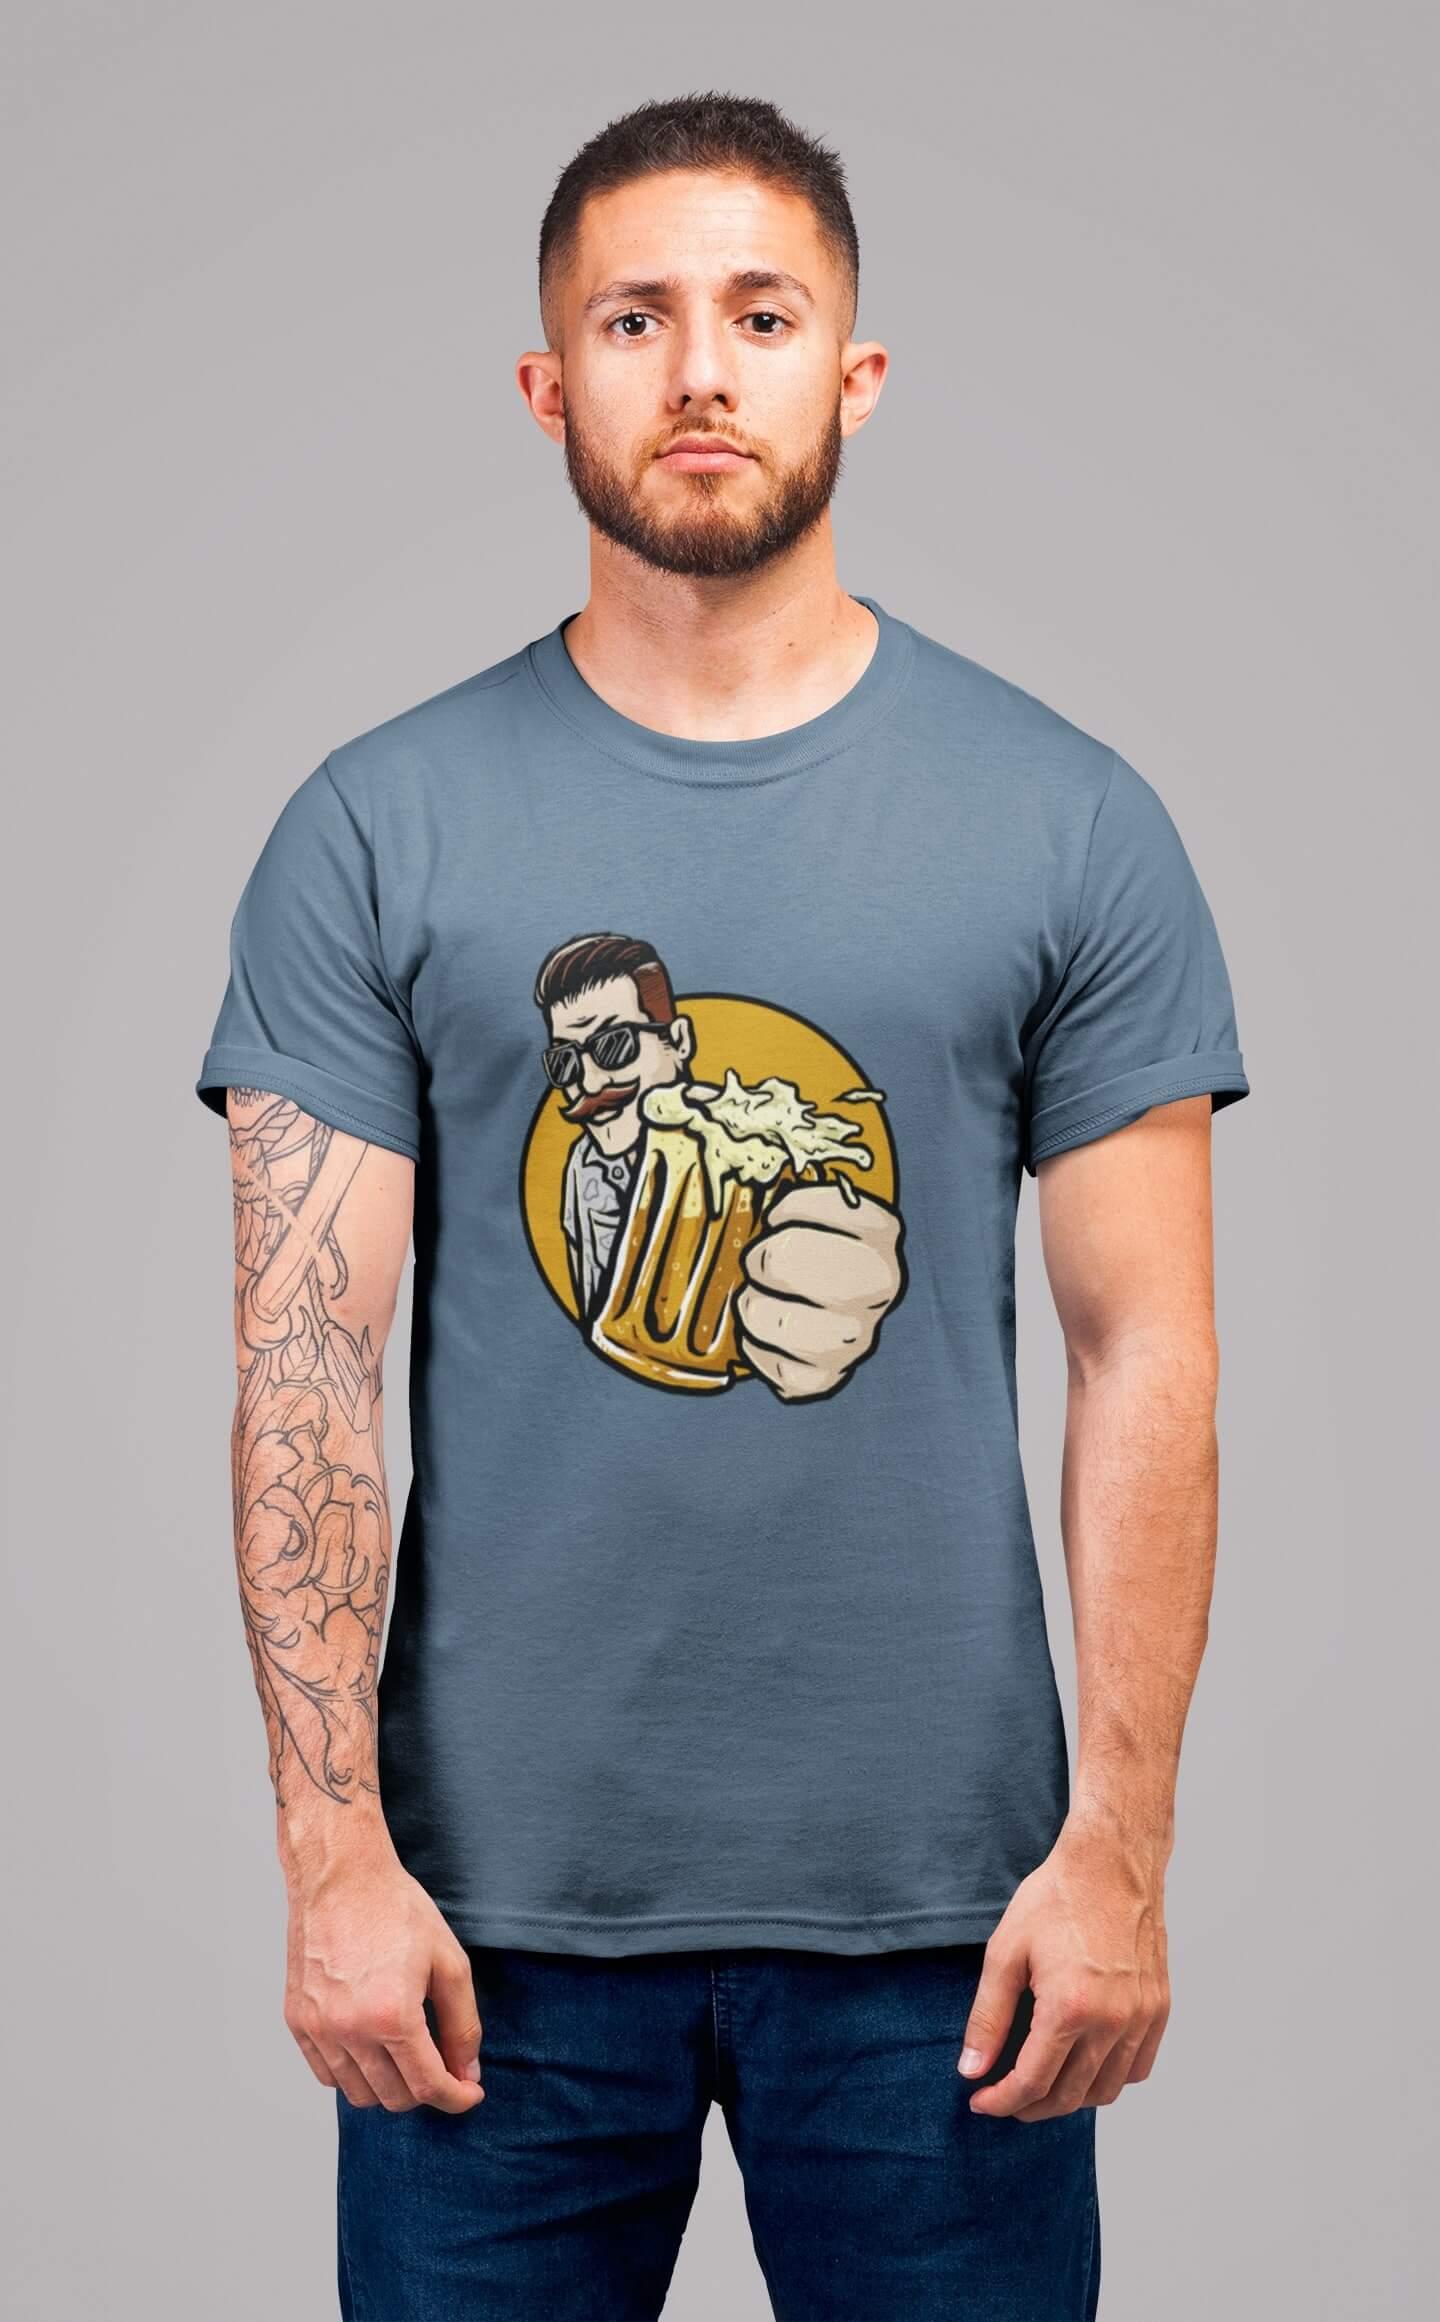 MMO Pánske tričko Chlap s pivom v ruke Vyberte farbu: Denim, Vyberte veľkosť: L